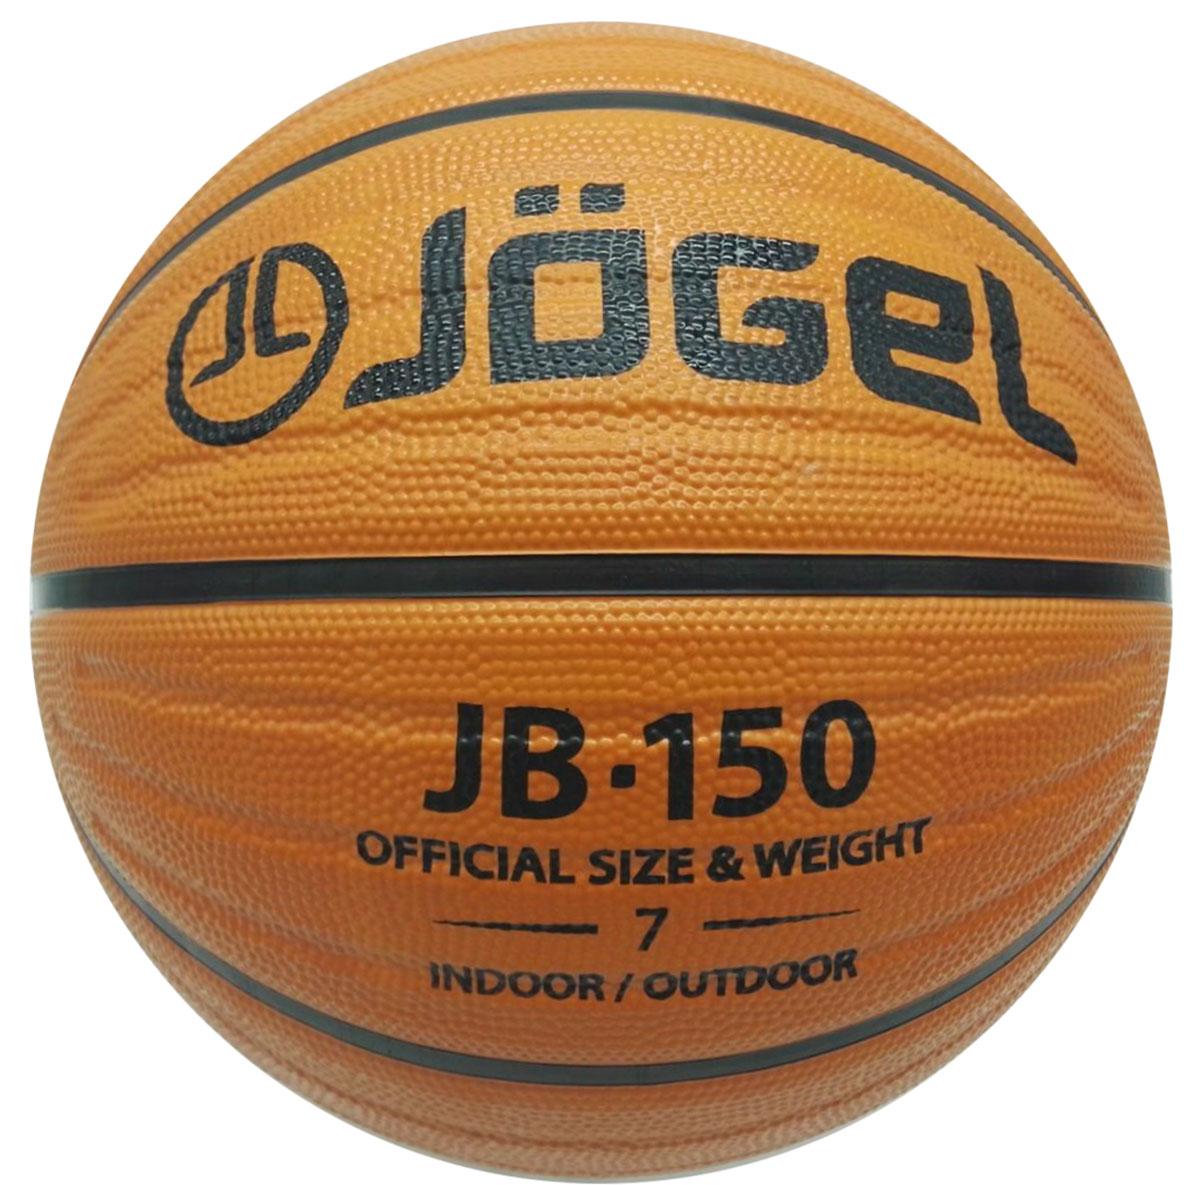 Мяч баскетбольный Jogel, цвет: коричневый. Размер 7. JB-150УТ-00009272Резиновый баскетбольный мяч Jogel часто используется в уличном баскетболе и учебных заведения.Покрышка мяча выполнена из износостойкой резины, поэтому с мячом можно играть на любой поверхности, как в зале, так и на улице. В создании мячей используется технология DeepChannel (глубокие каналы), благодаря которой достигается отличный контроль мяча во время броска и дриблинга.Камера выполнена из бутила.Мяч баскетбольный рекомендован для любительской игры, тренировок команд среднего уровня и любительских команд.Вес: 567-650 гр.Длина окружности: 75-78 см.Рекомендованное давление: 0.5-0.6 бар.УВАЖАЕМЫЕ КЛИЕНТЫ!Обращаем ваше внимание на тот факт, что мяч поставляется в сдутом виде. Насос в комплект не входит.